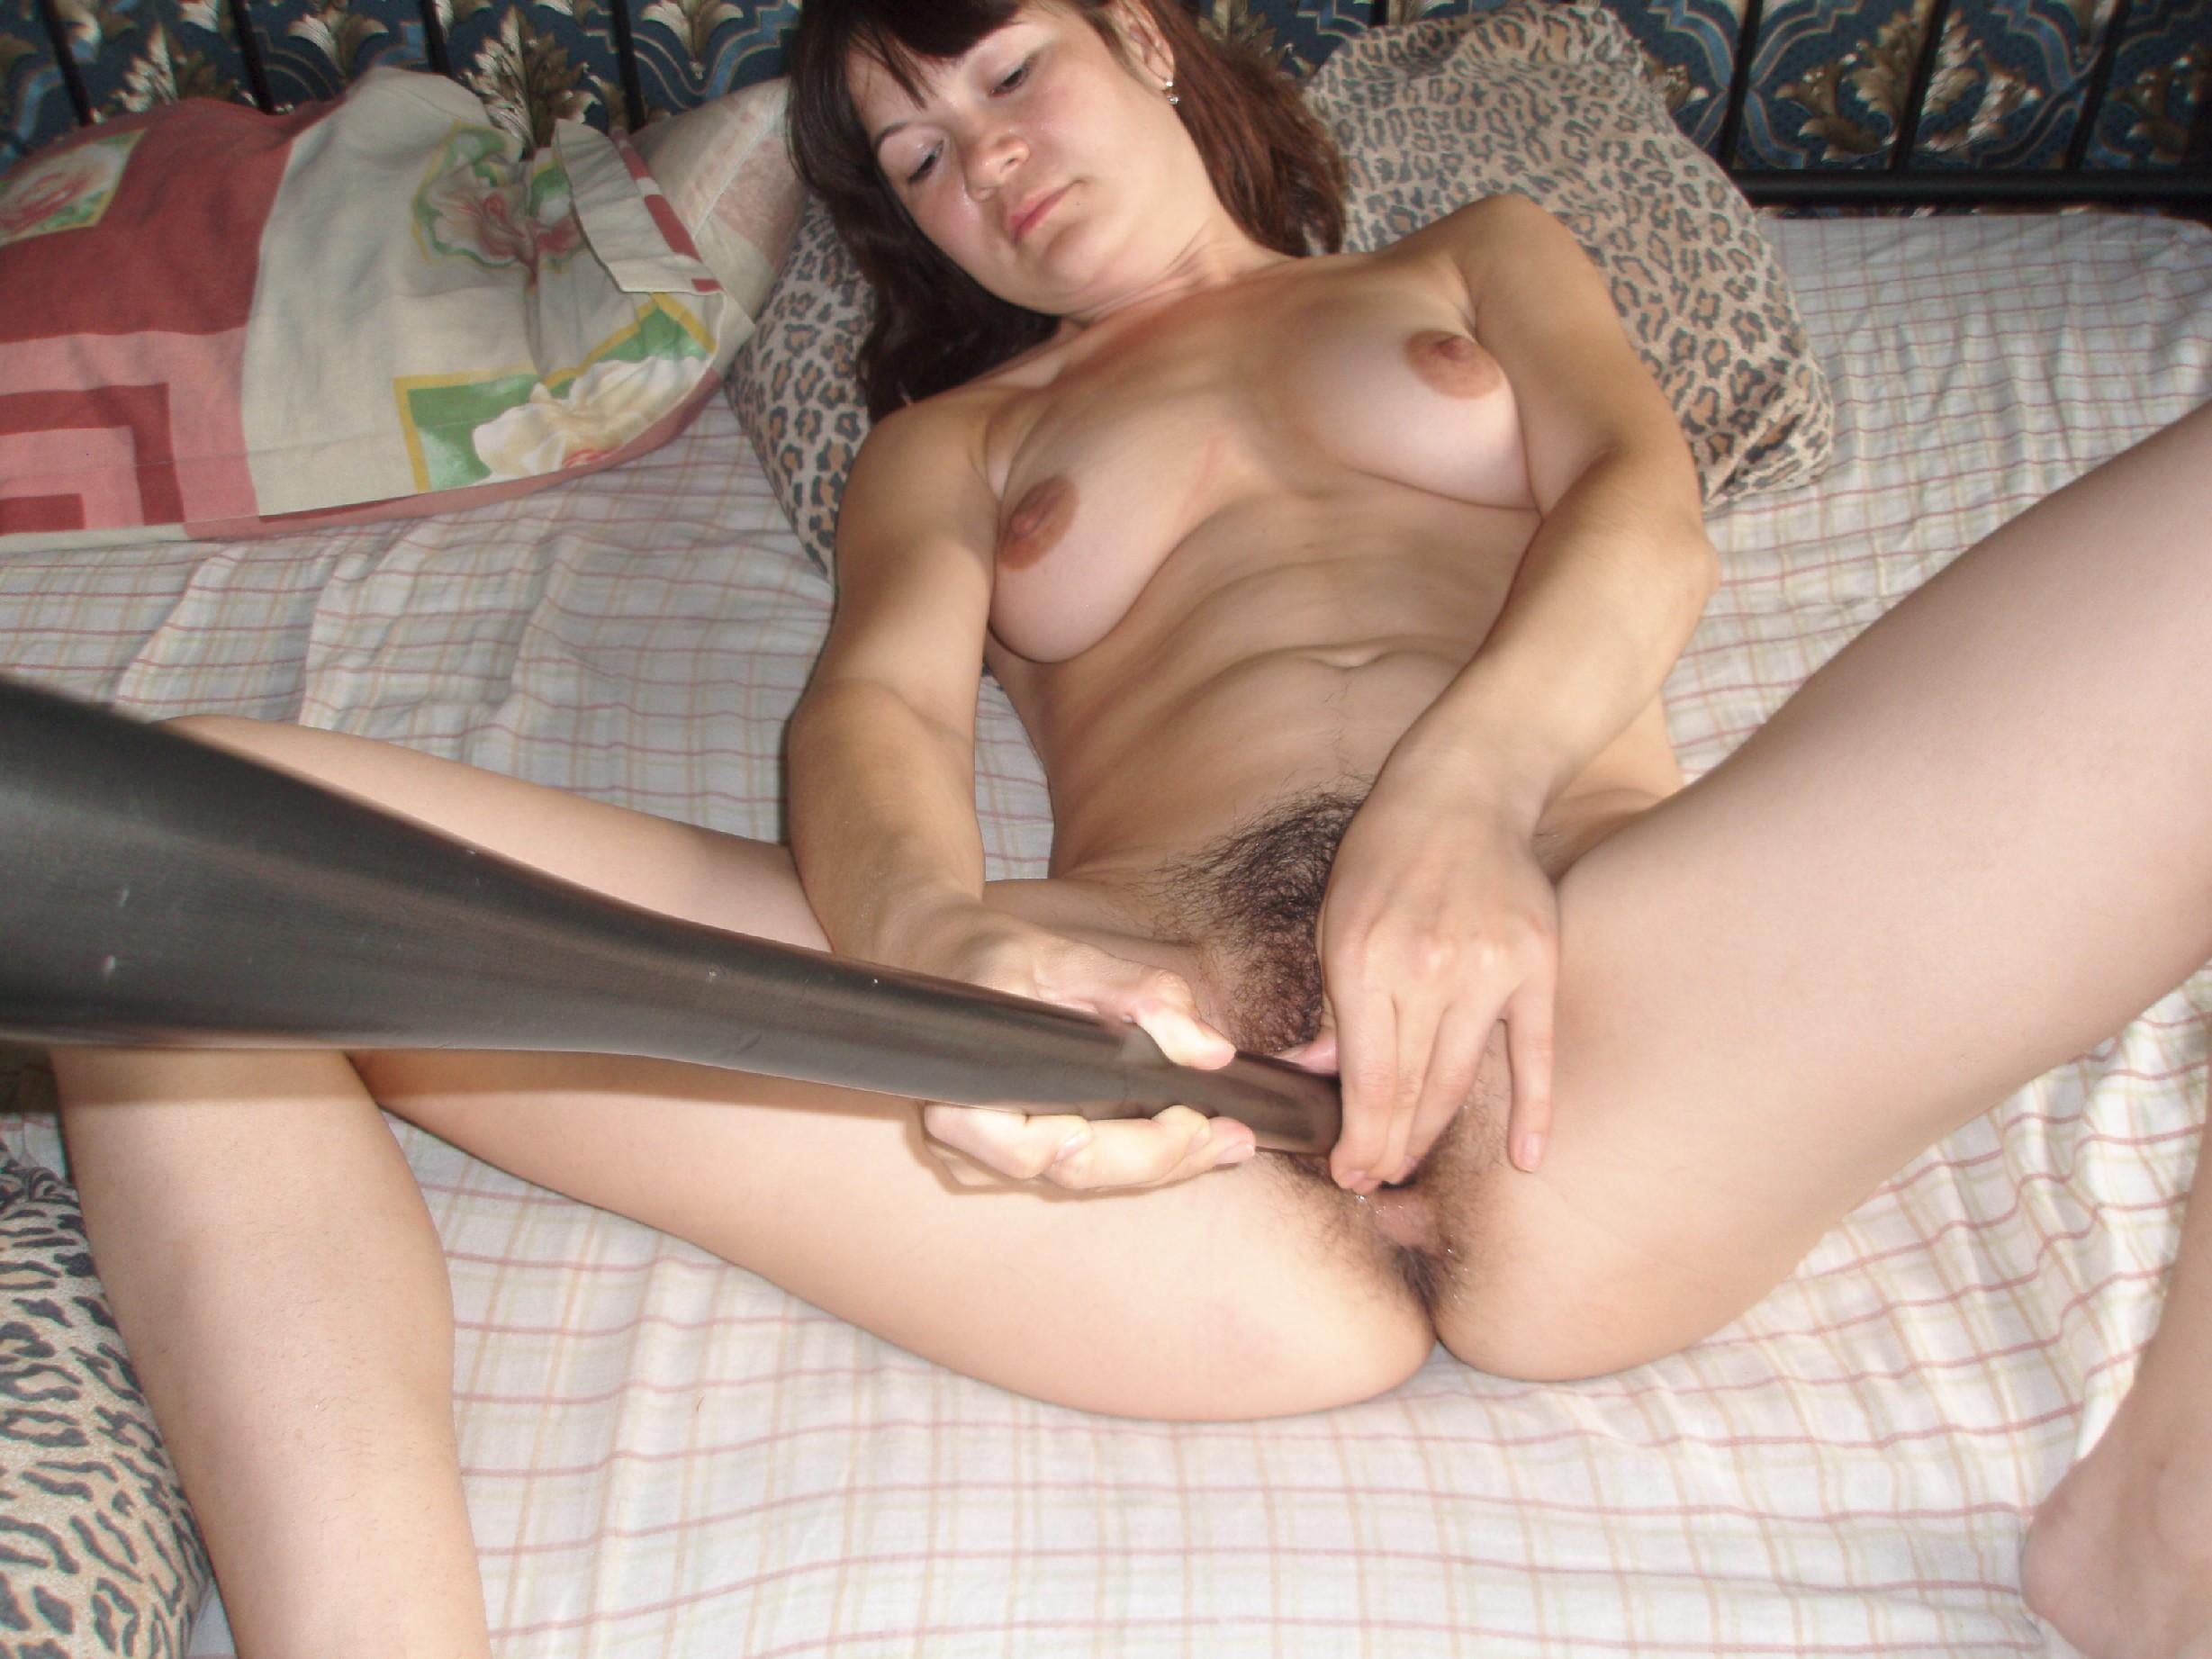 Девушка любит жестко себя трахать своими секс игрушками